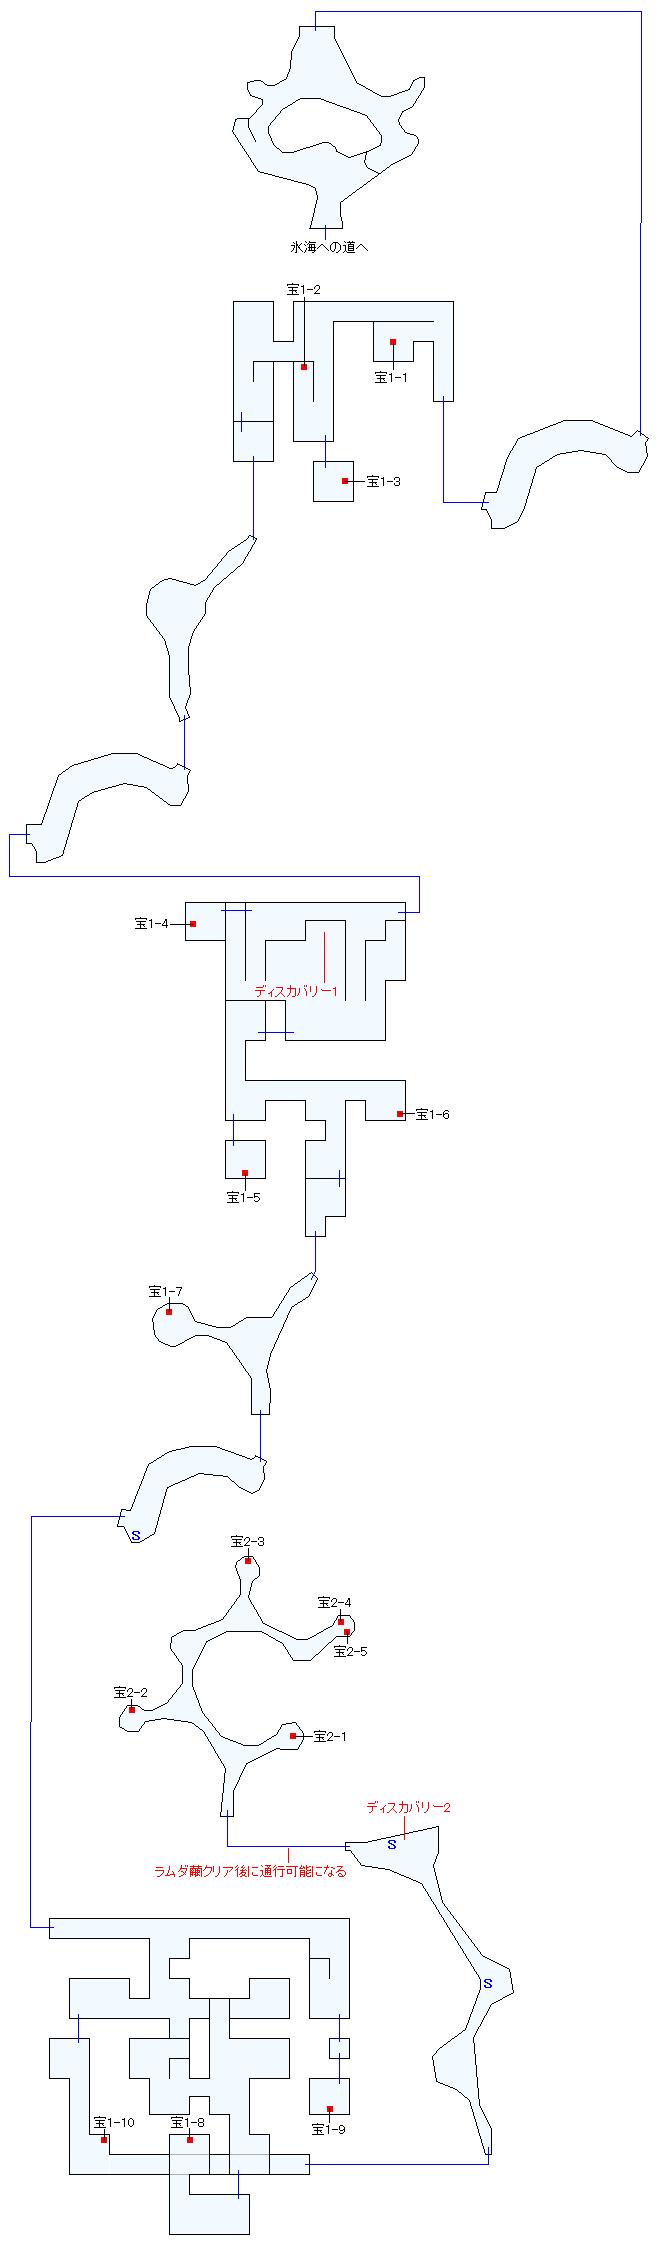 フェンデル氷山遺跡マップ